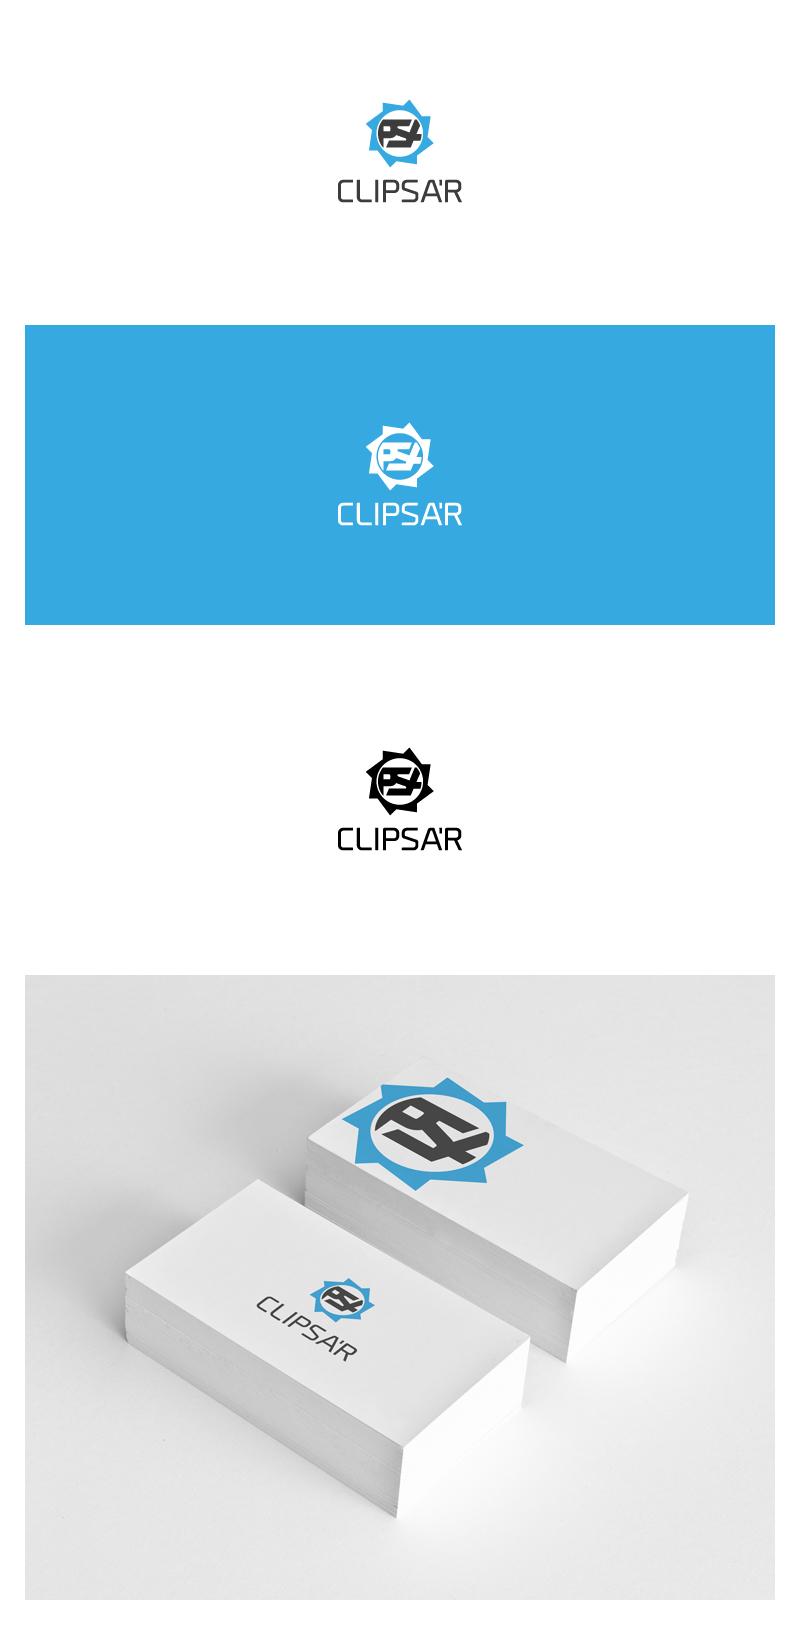 oznaka, logo, CLIPSAR, PromStroyAvtomatika